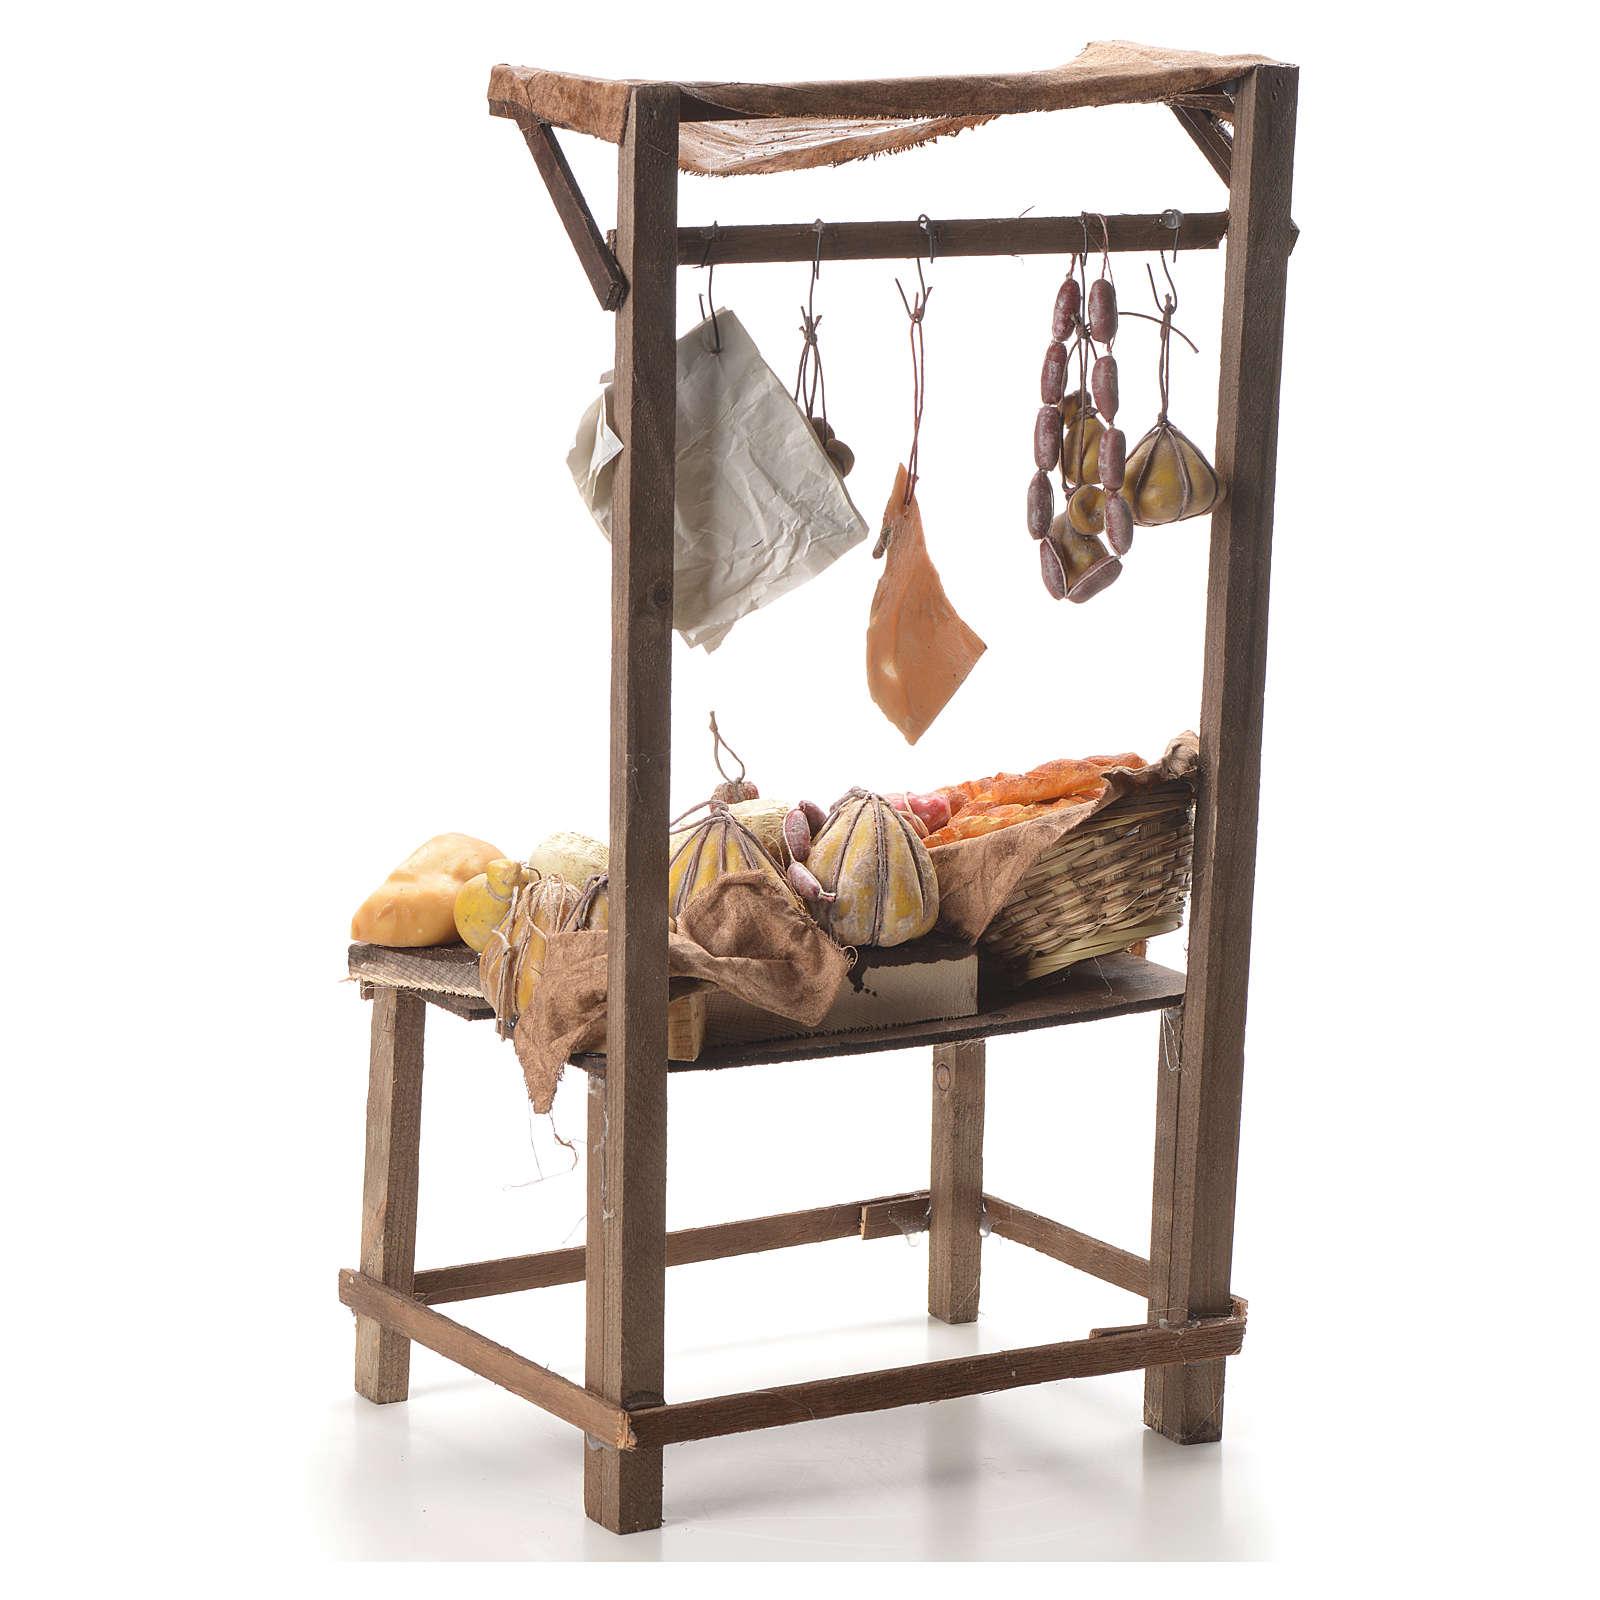 Tienda pan, quesos y embutidos cera belén 40 x 21 x 15 cm 4